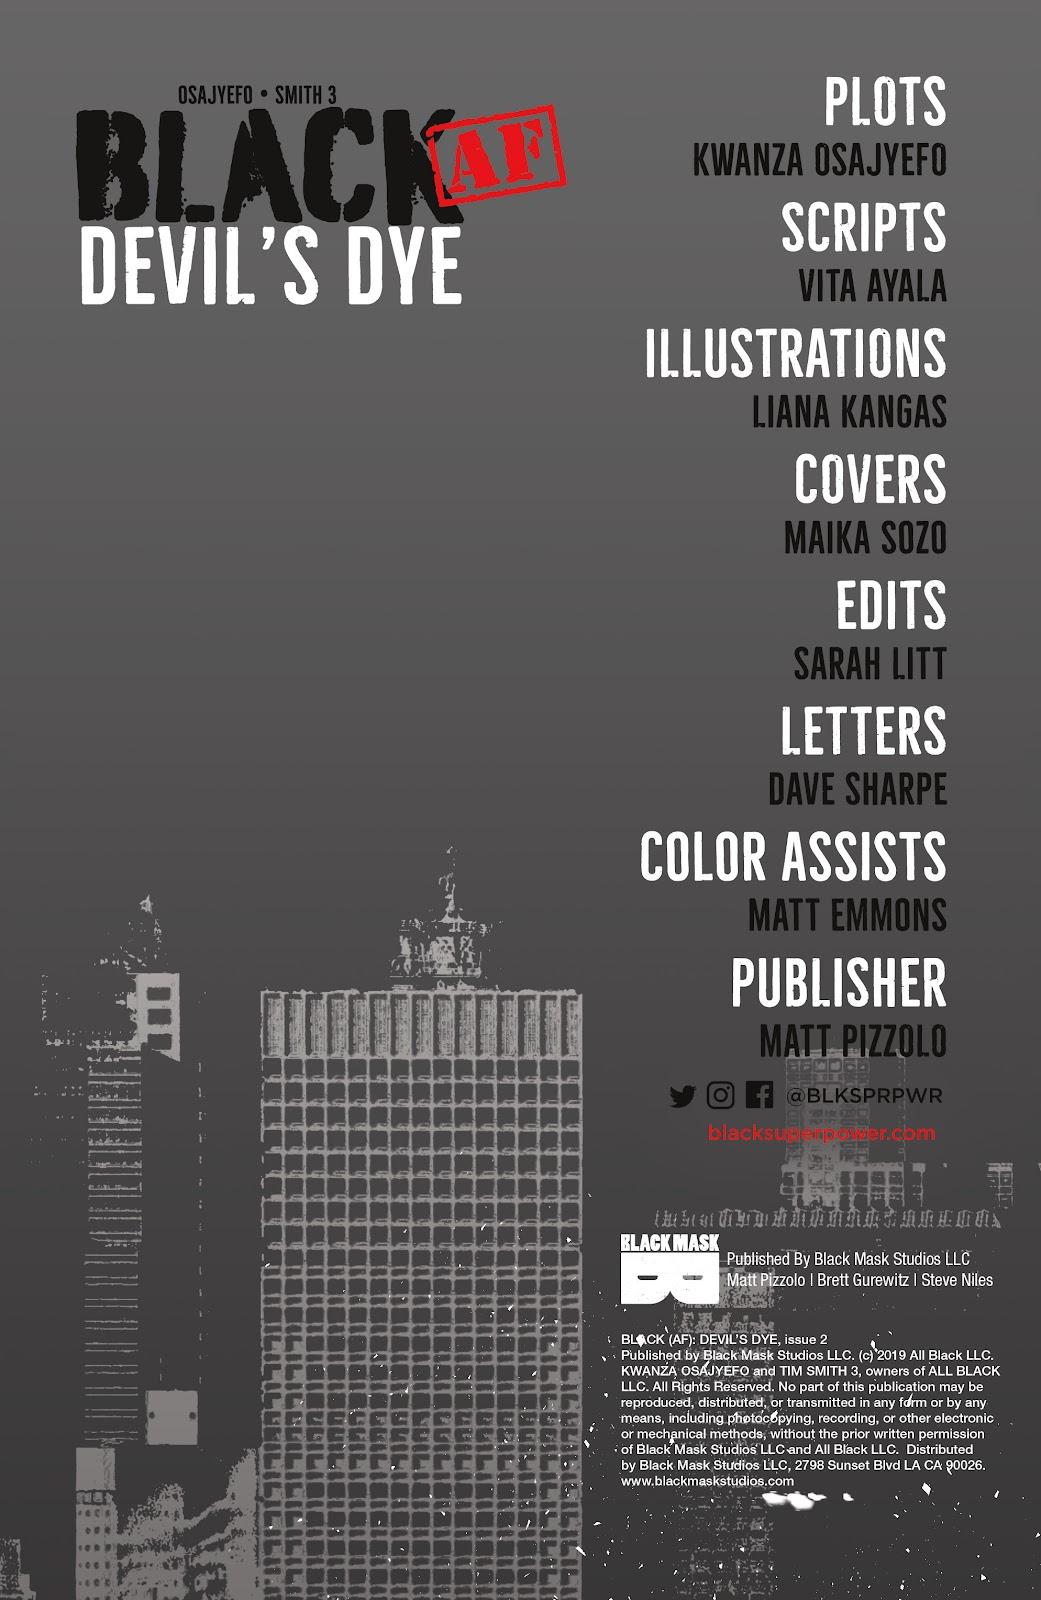 Read online Black (AF): Devil's Dye comic -  Issue #2 - 2